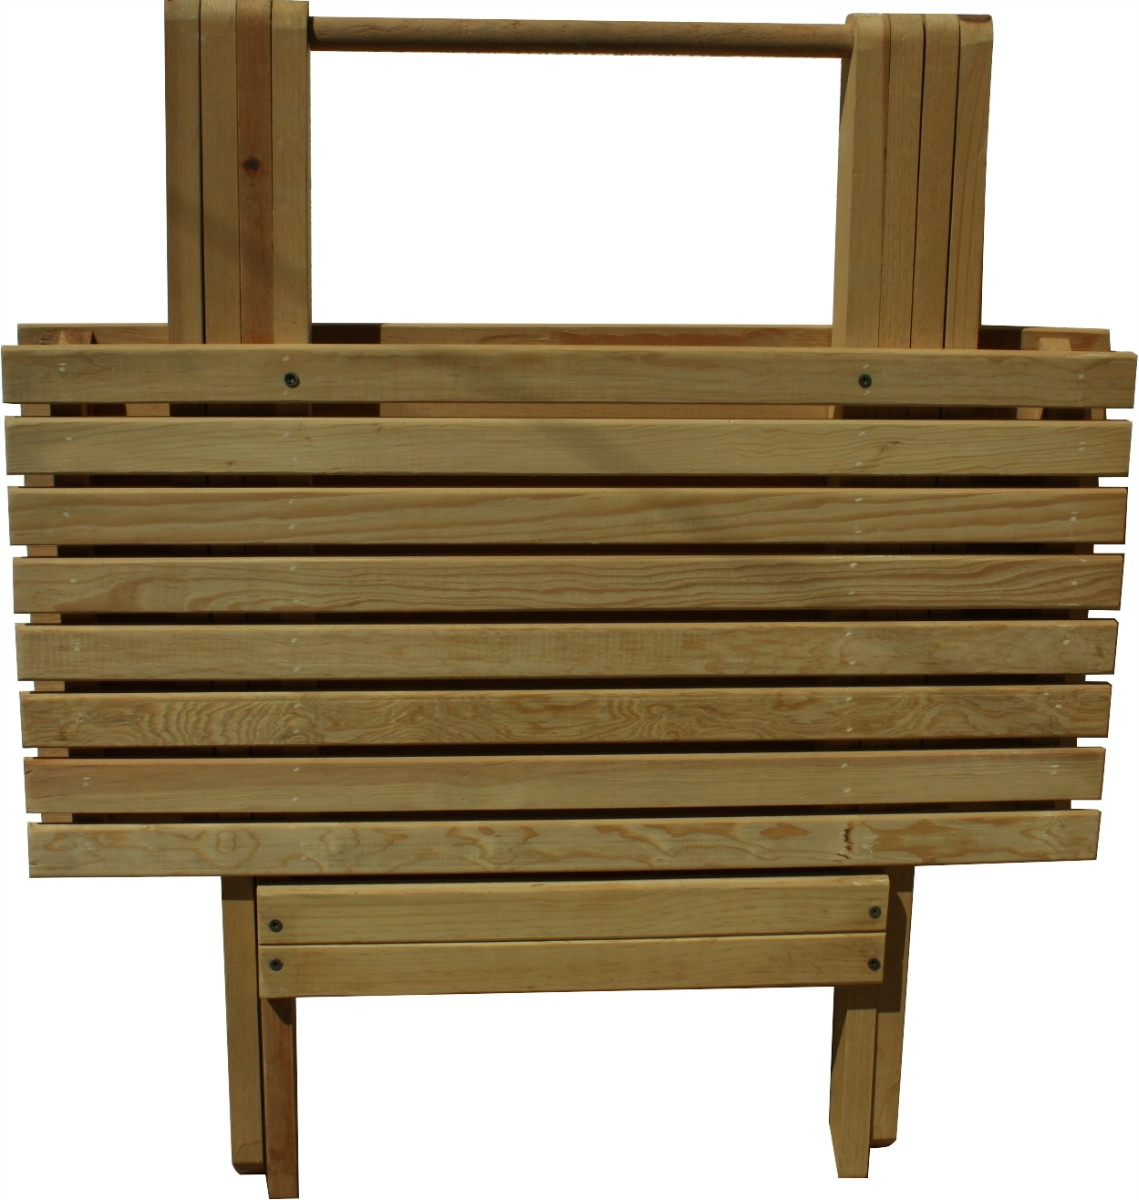 Mesa de jard n mueble plegable madera jardin o interiores for Rebajas muebles de jardin